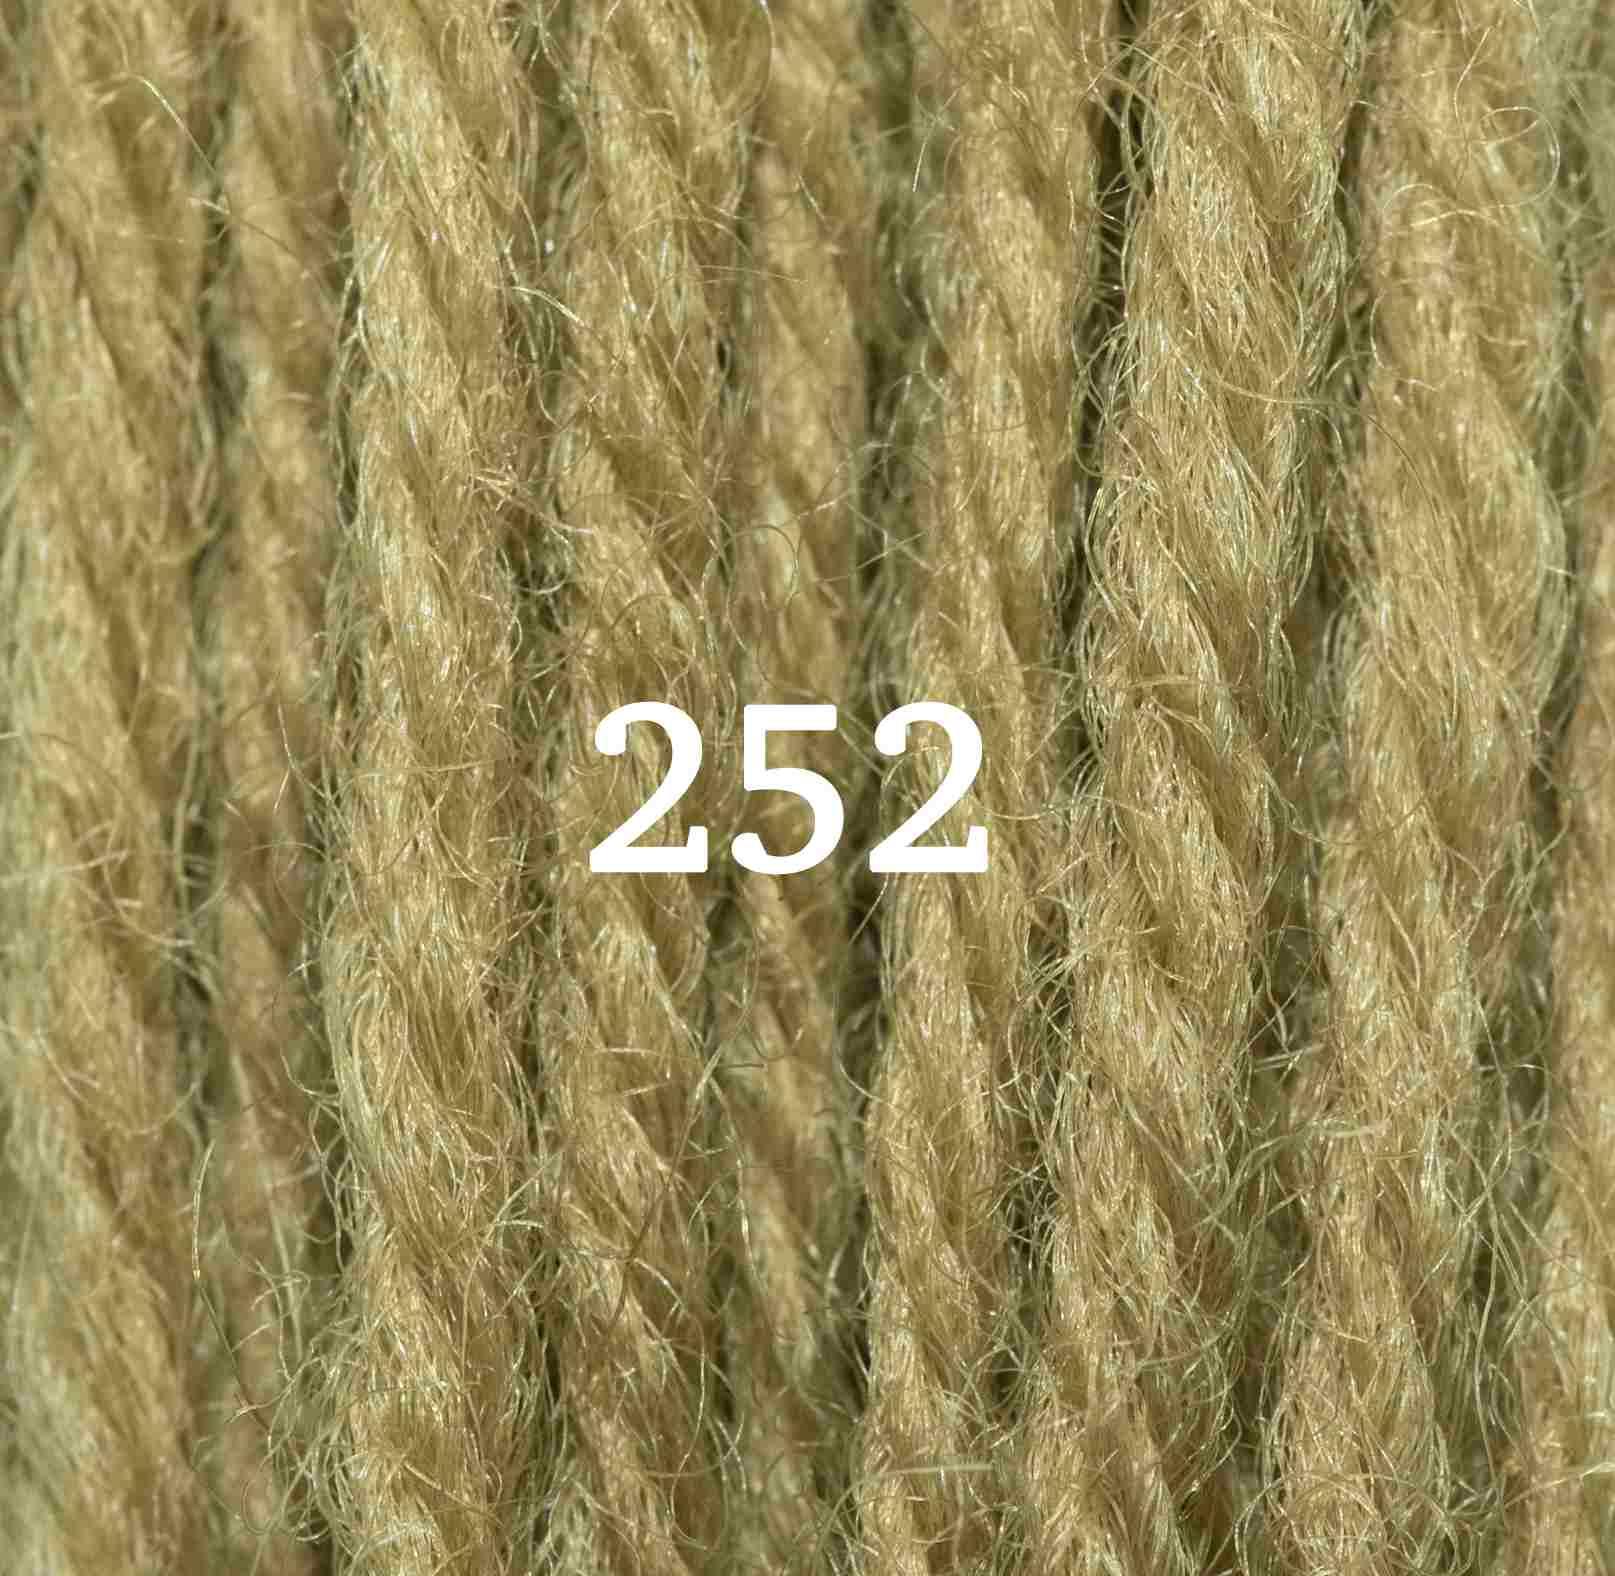 Grass-Green-252